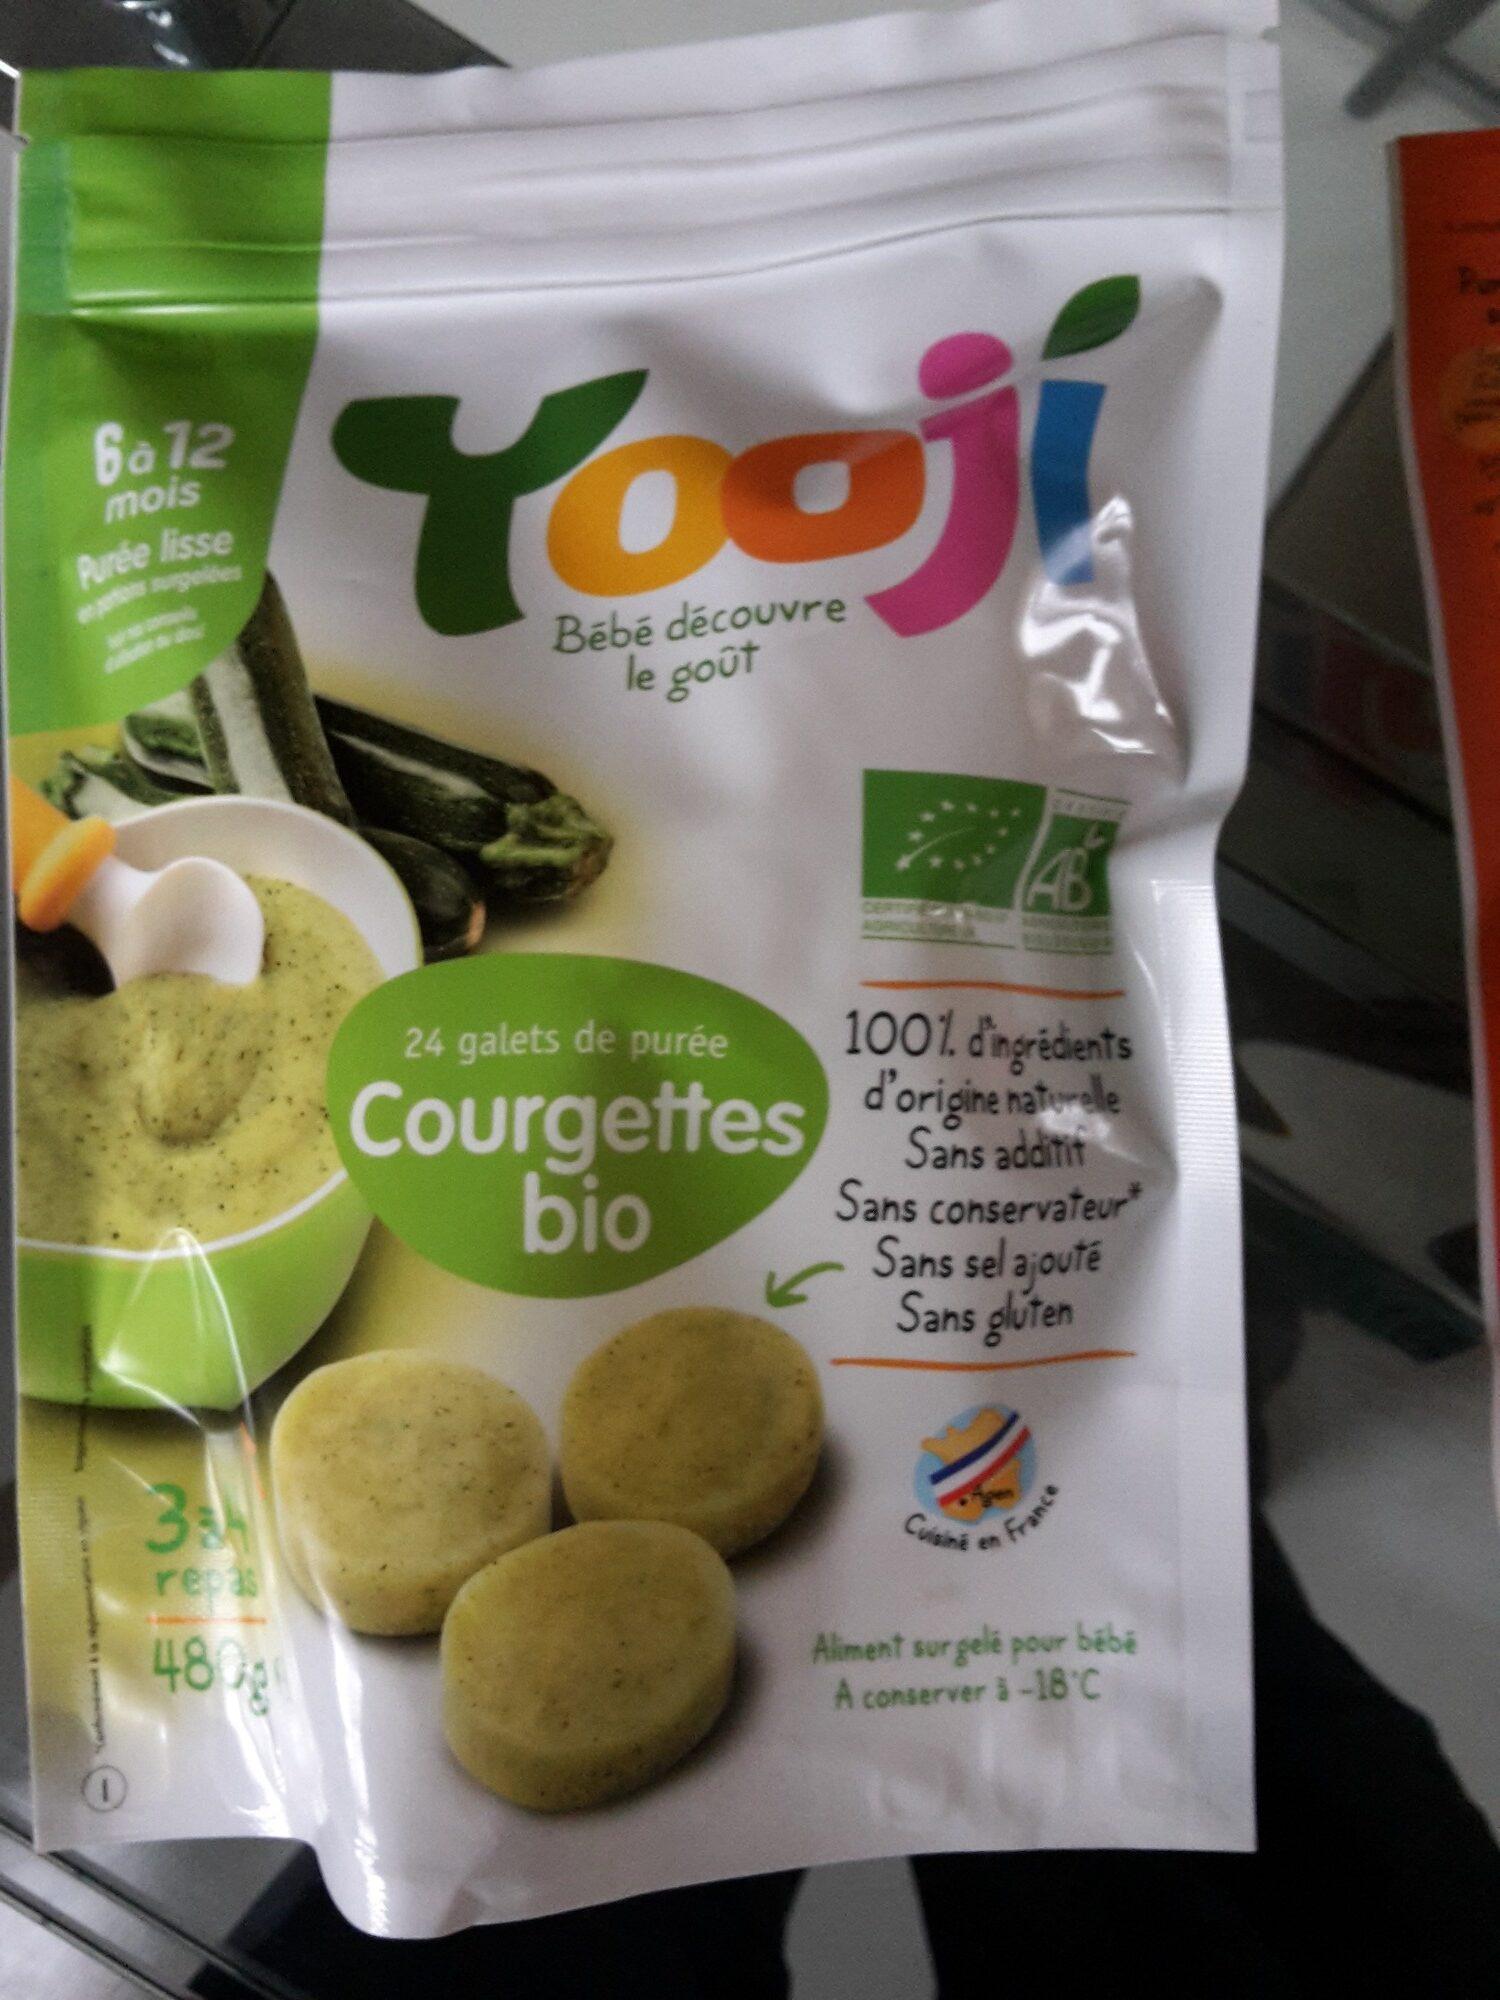 Yooji - 24 galets de purée courgettes bio - Produit - fr